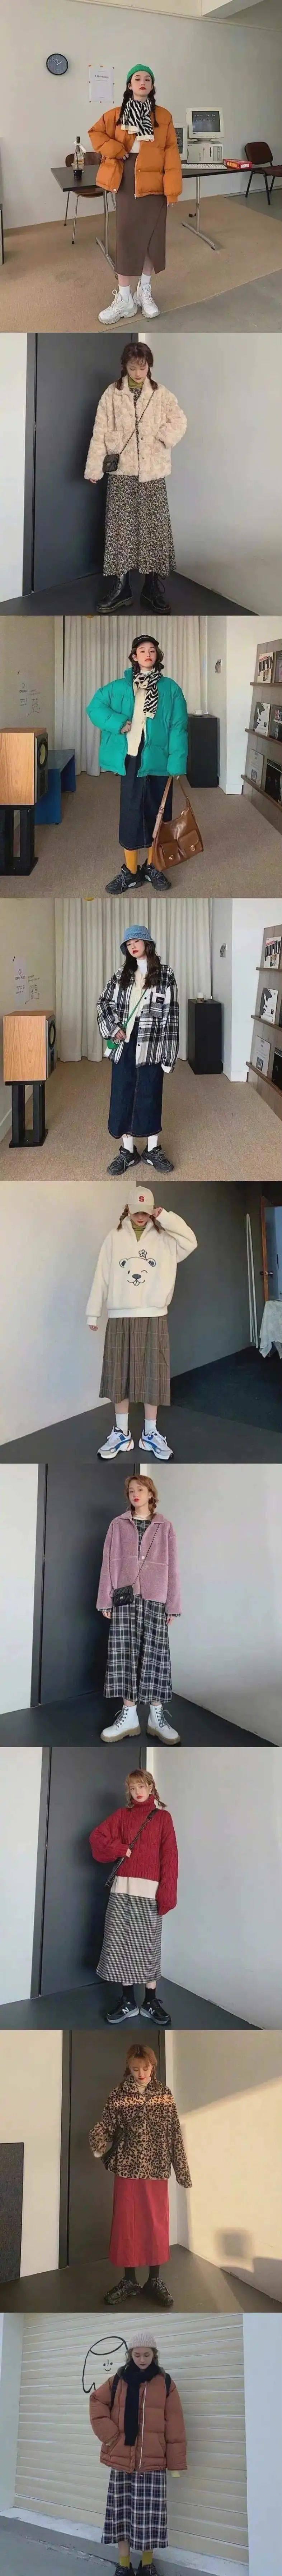 26套ins时尚博主穿搭日常,照着穿撩爆了!